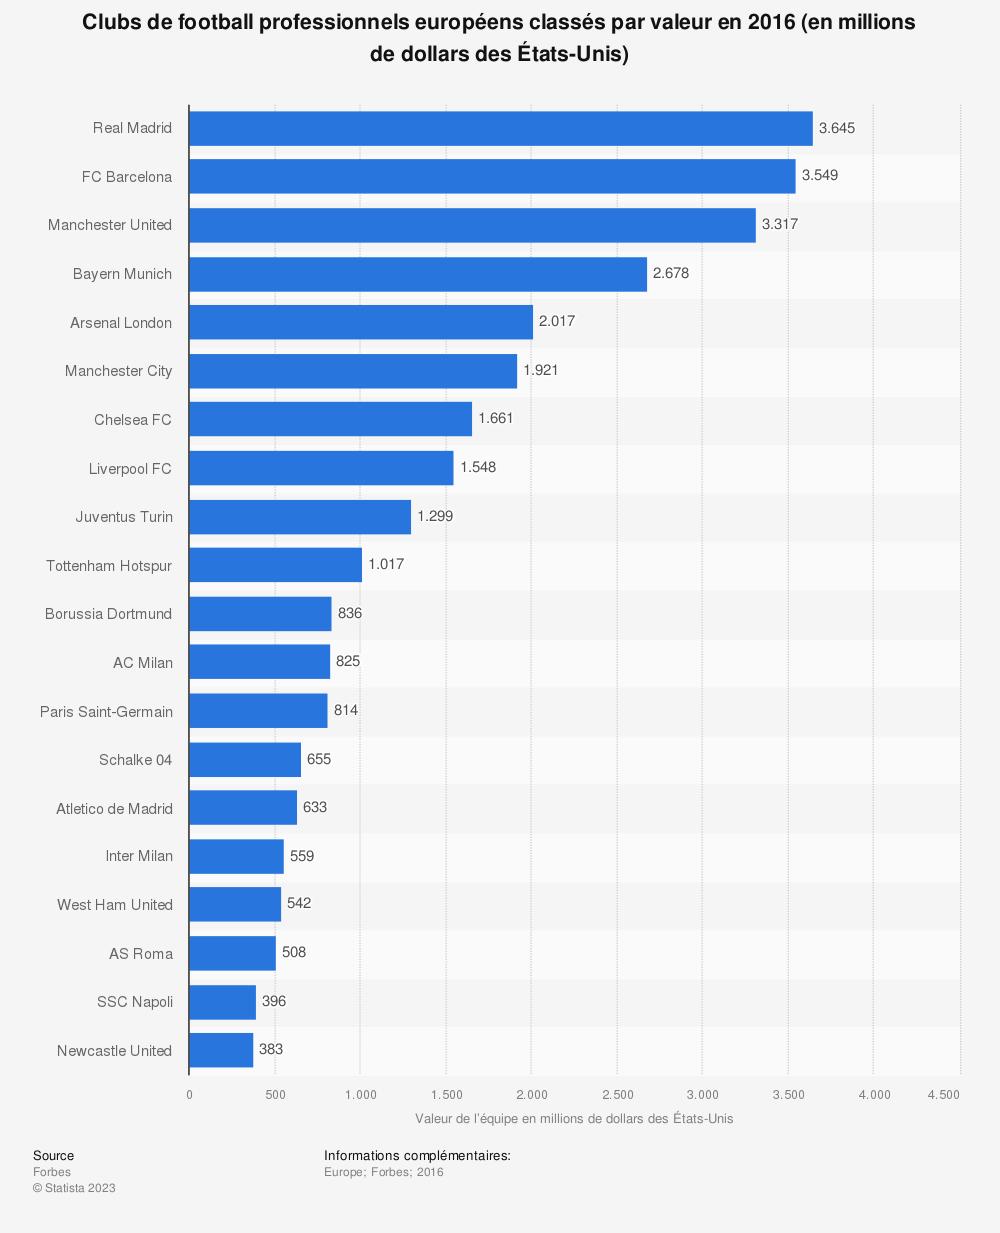 Statistique: Clubs de football professionnels européens classés par valeur en 2016 (en millions de dollars des États-Unis) | Statista